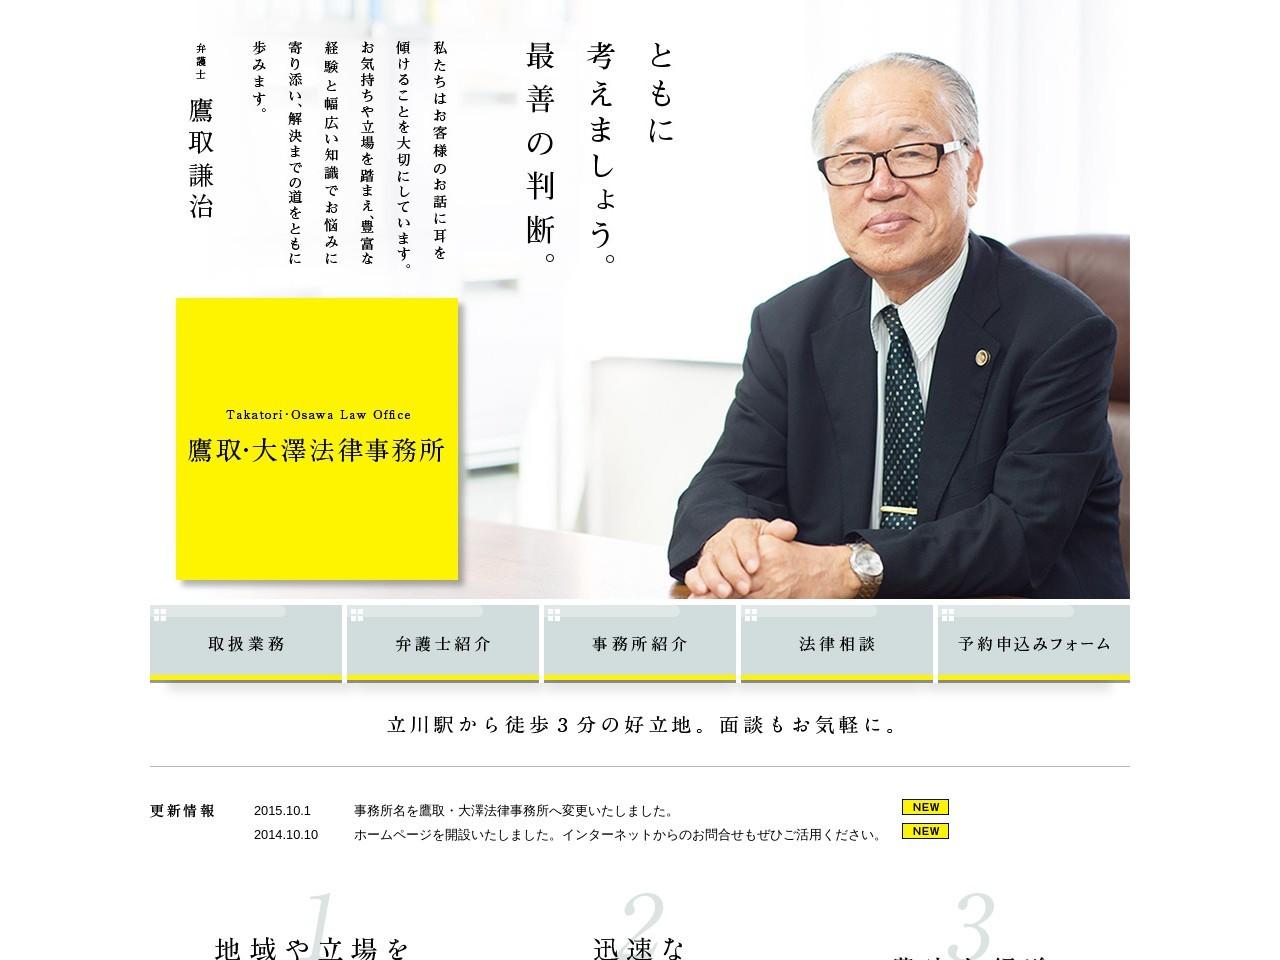 鷹取・大澤法律事務所